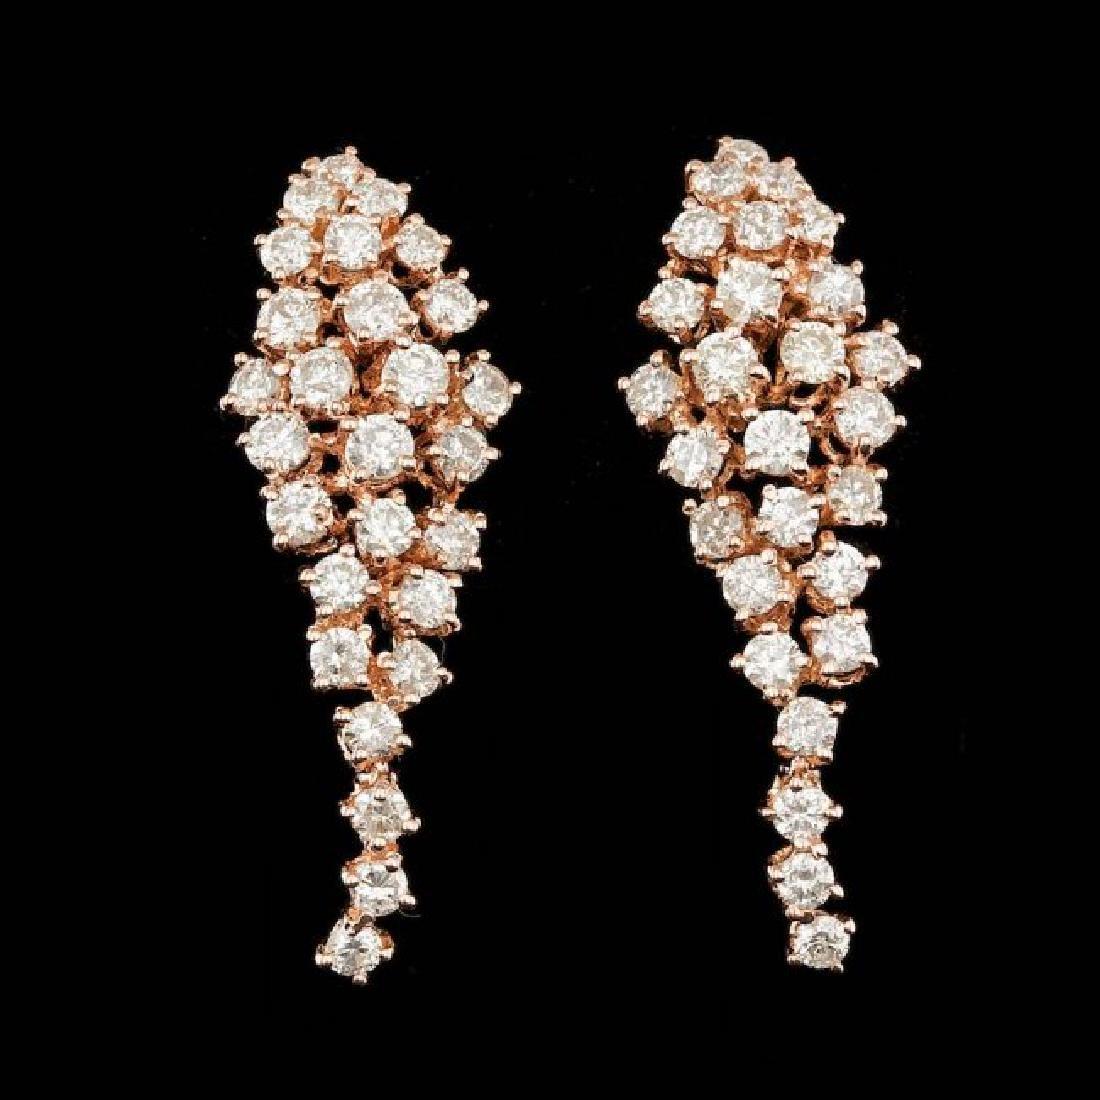 14k Rose Gold 3.00ct Diamond Earrings